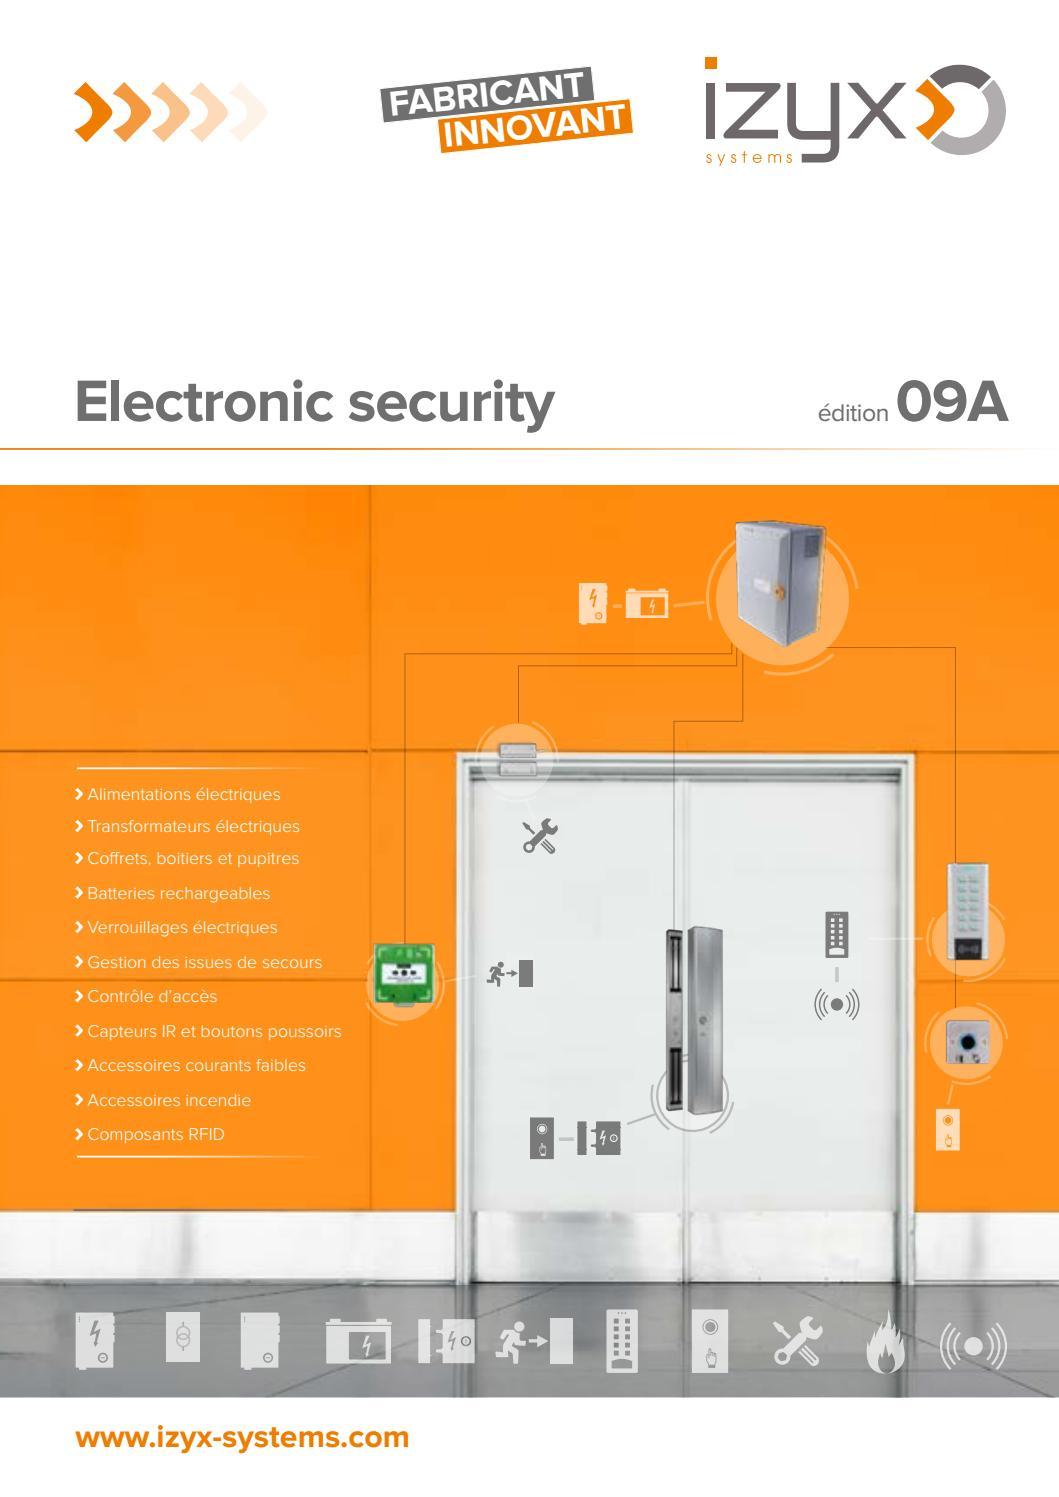 Pack de 50-danger 230 volts forte sécurité électrique autocollants étiquettes 25 x 75mm